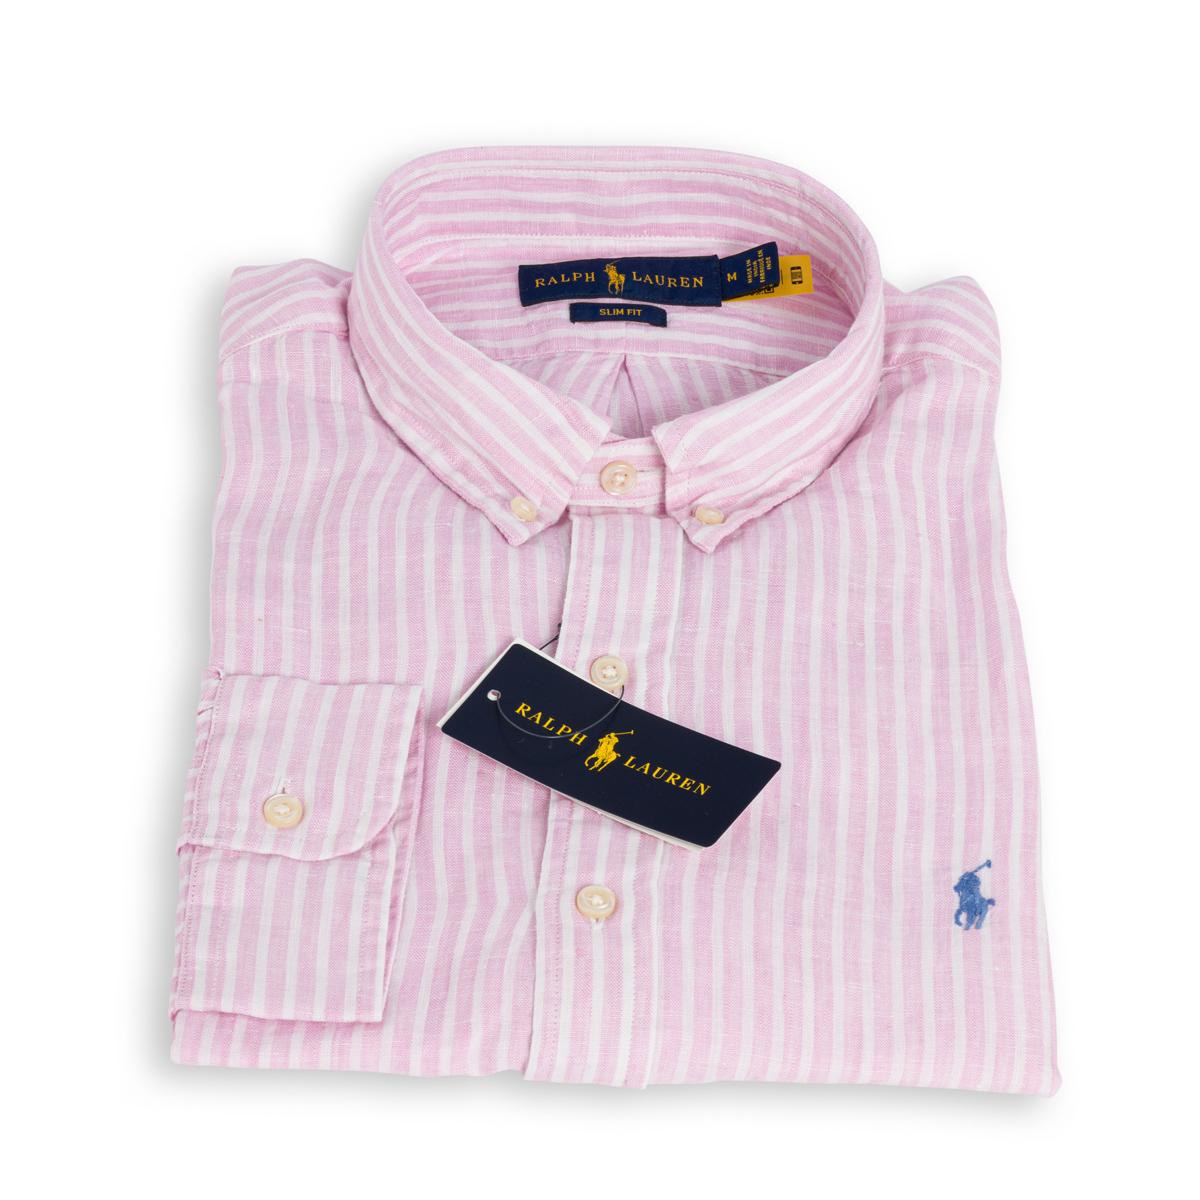 Camicia Polo Ralph Lauren Lino Rigato Bianco Rosa